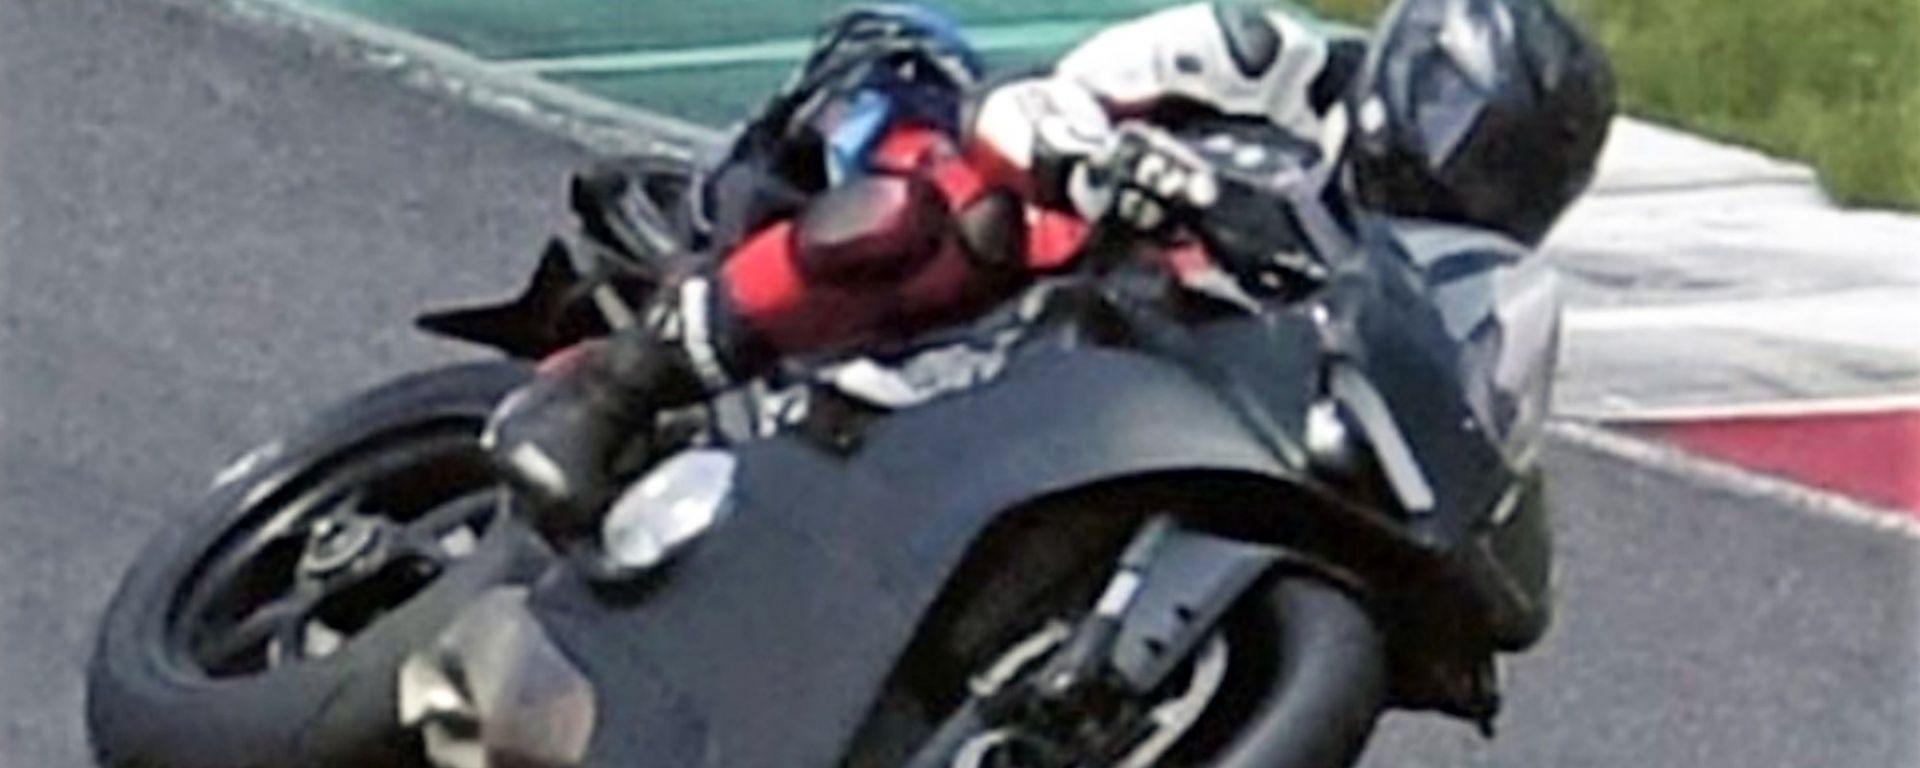 ducati v4 superbike ecco l 39 erede della panigale ispirata alla motogp motorbox. Black Bedroom Furniture Sets. Home Design Ideas